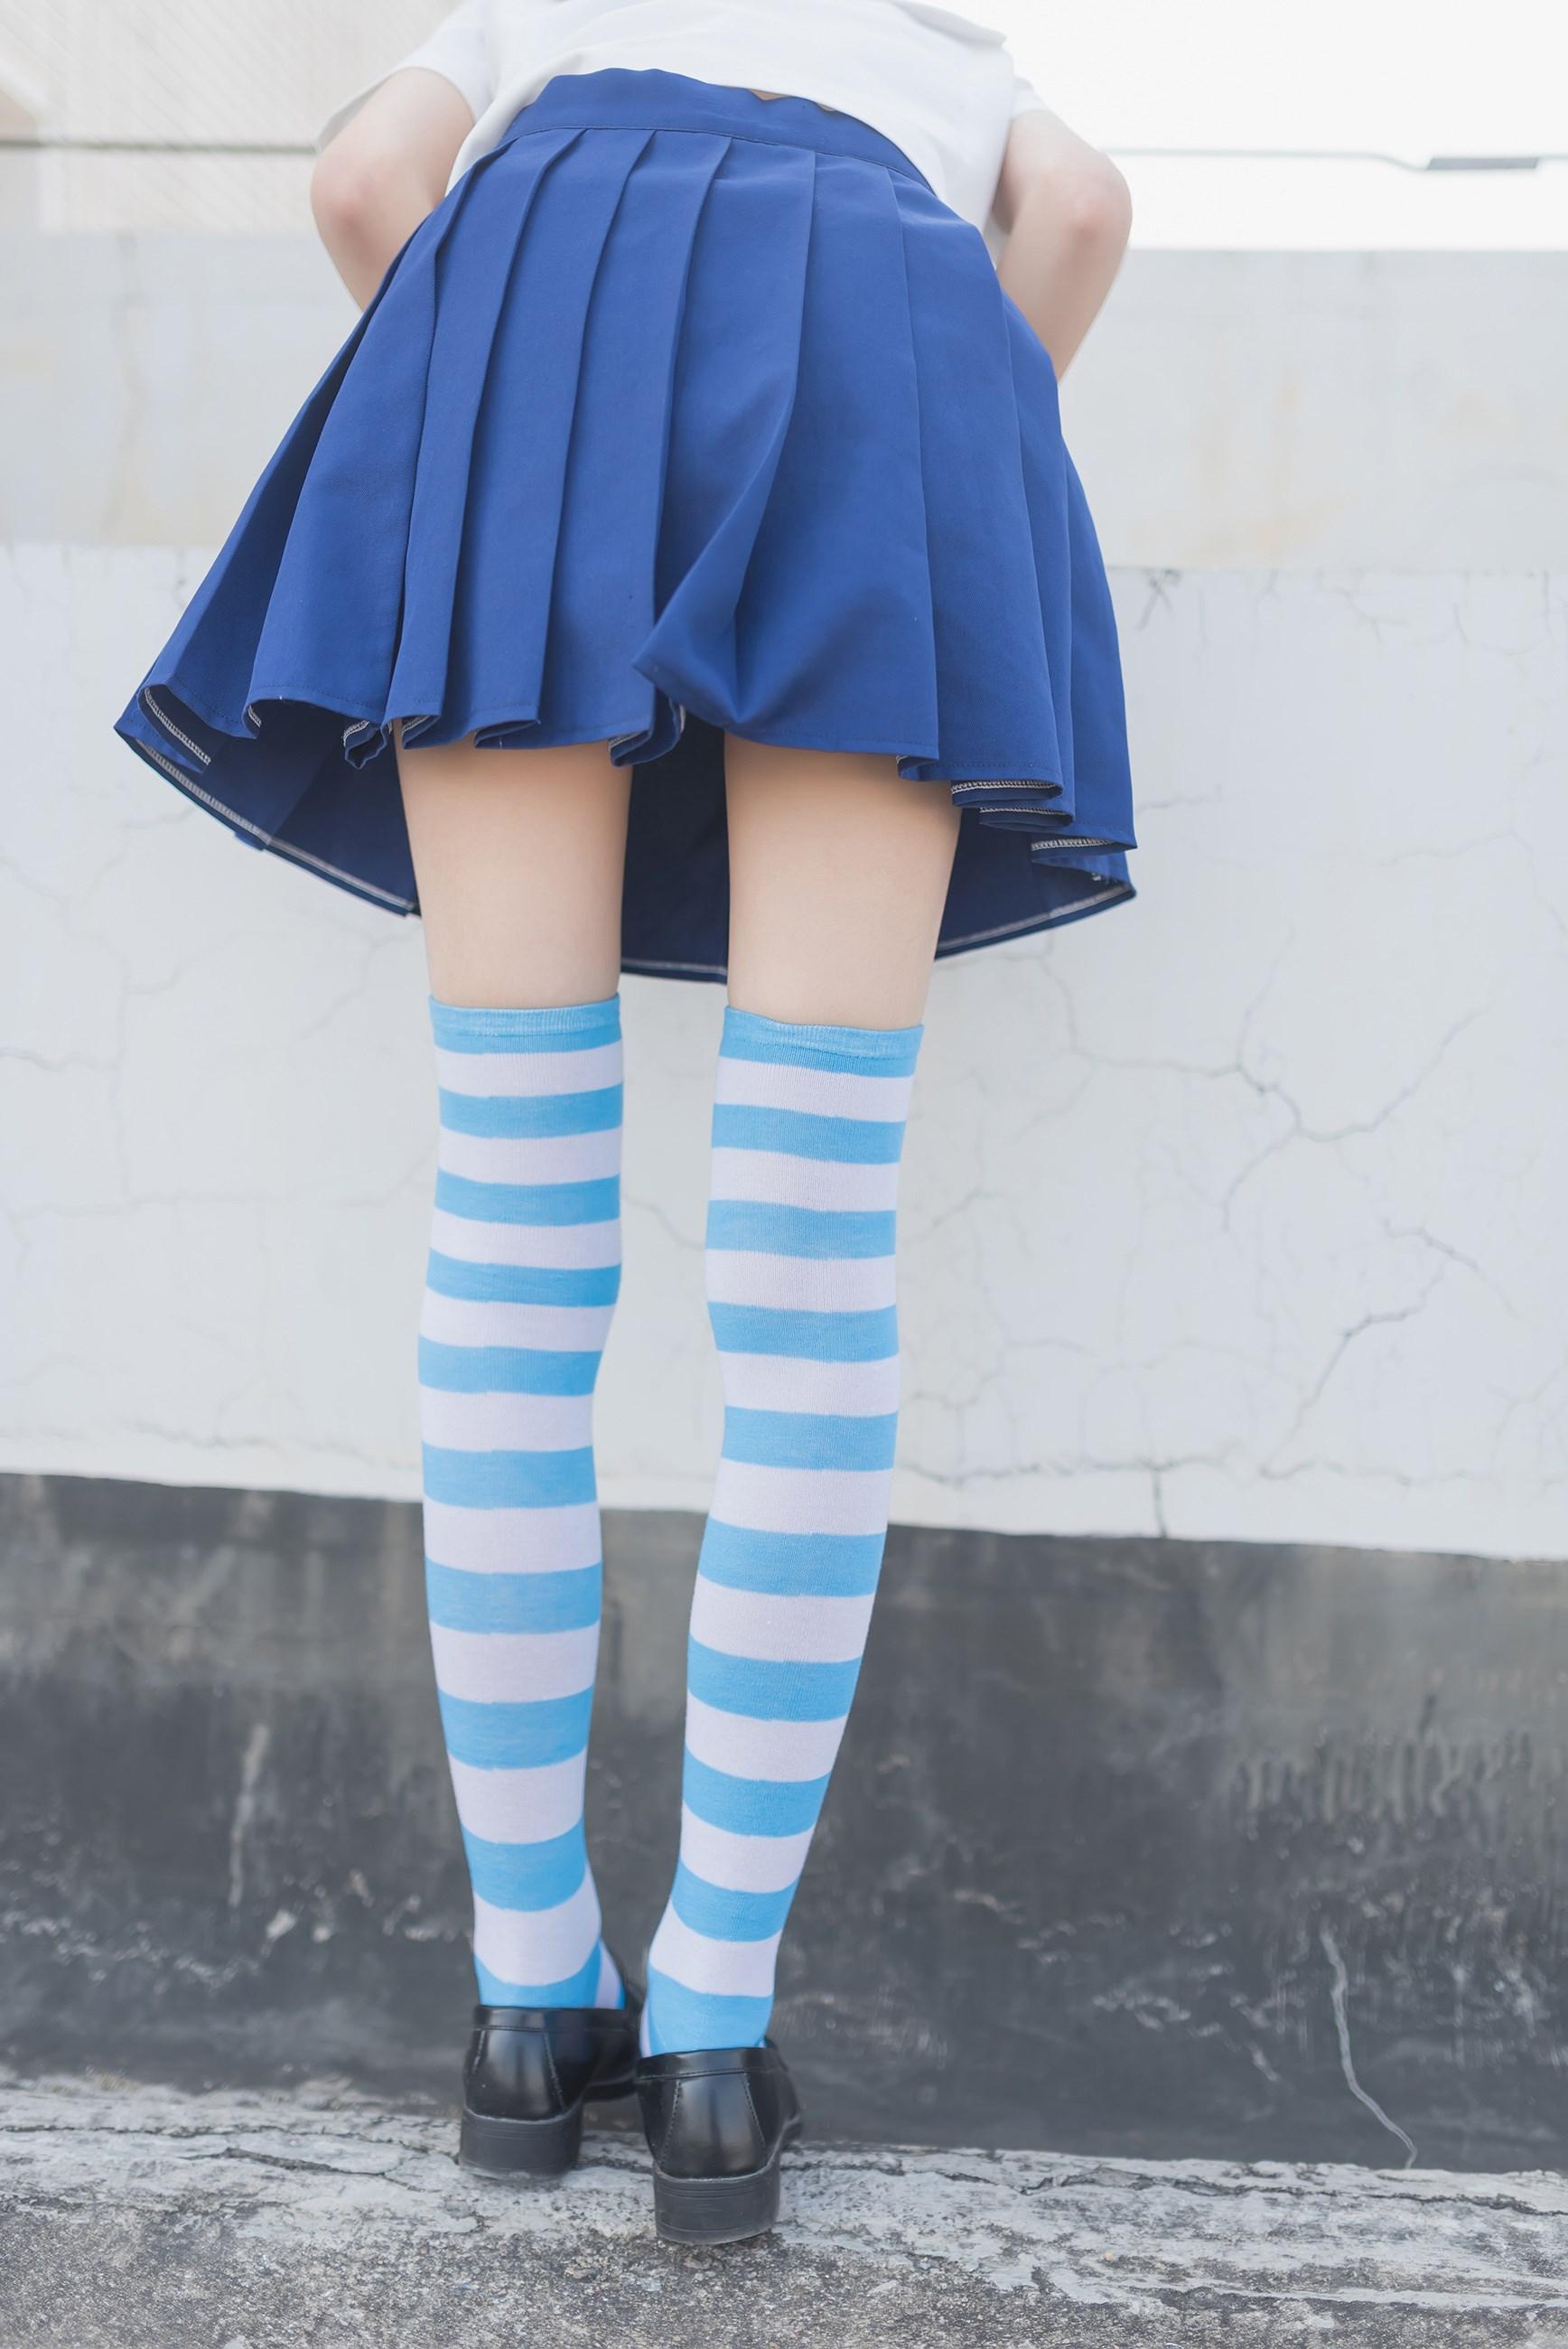 【兔玩映画】蓝白条纹的小细腿 兔玩映画 第14张